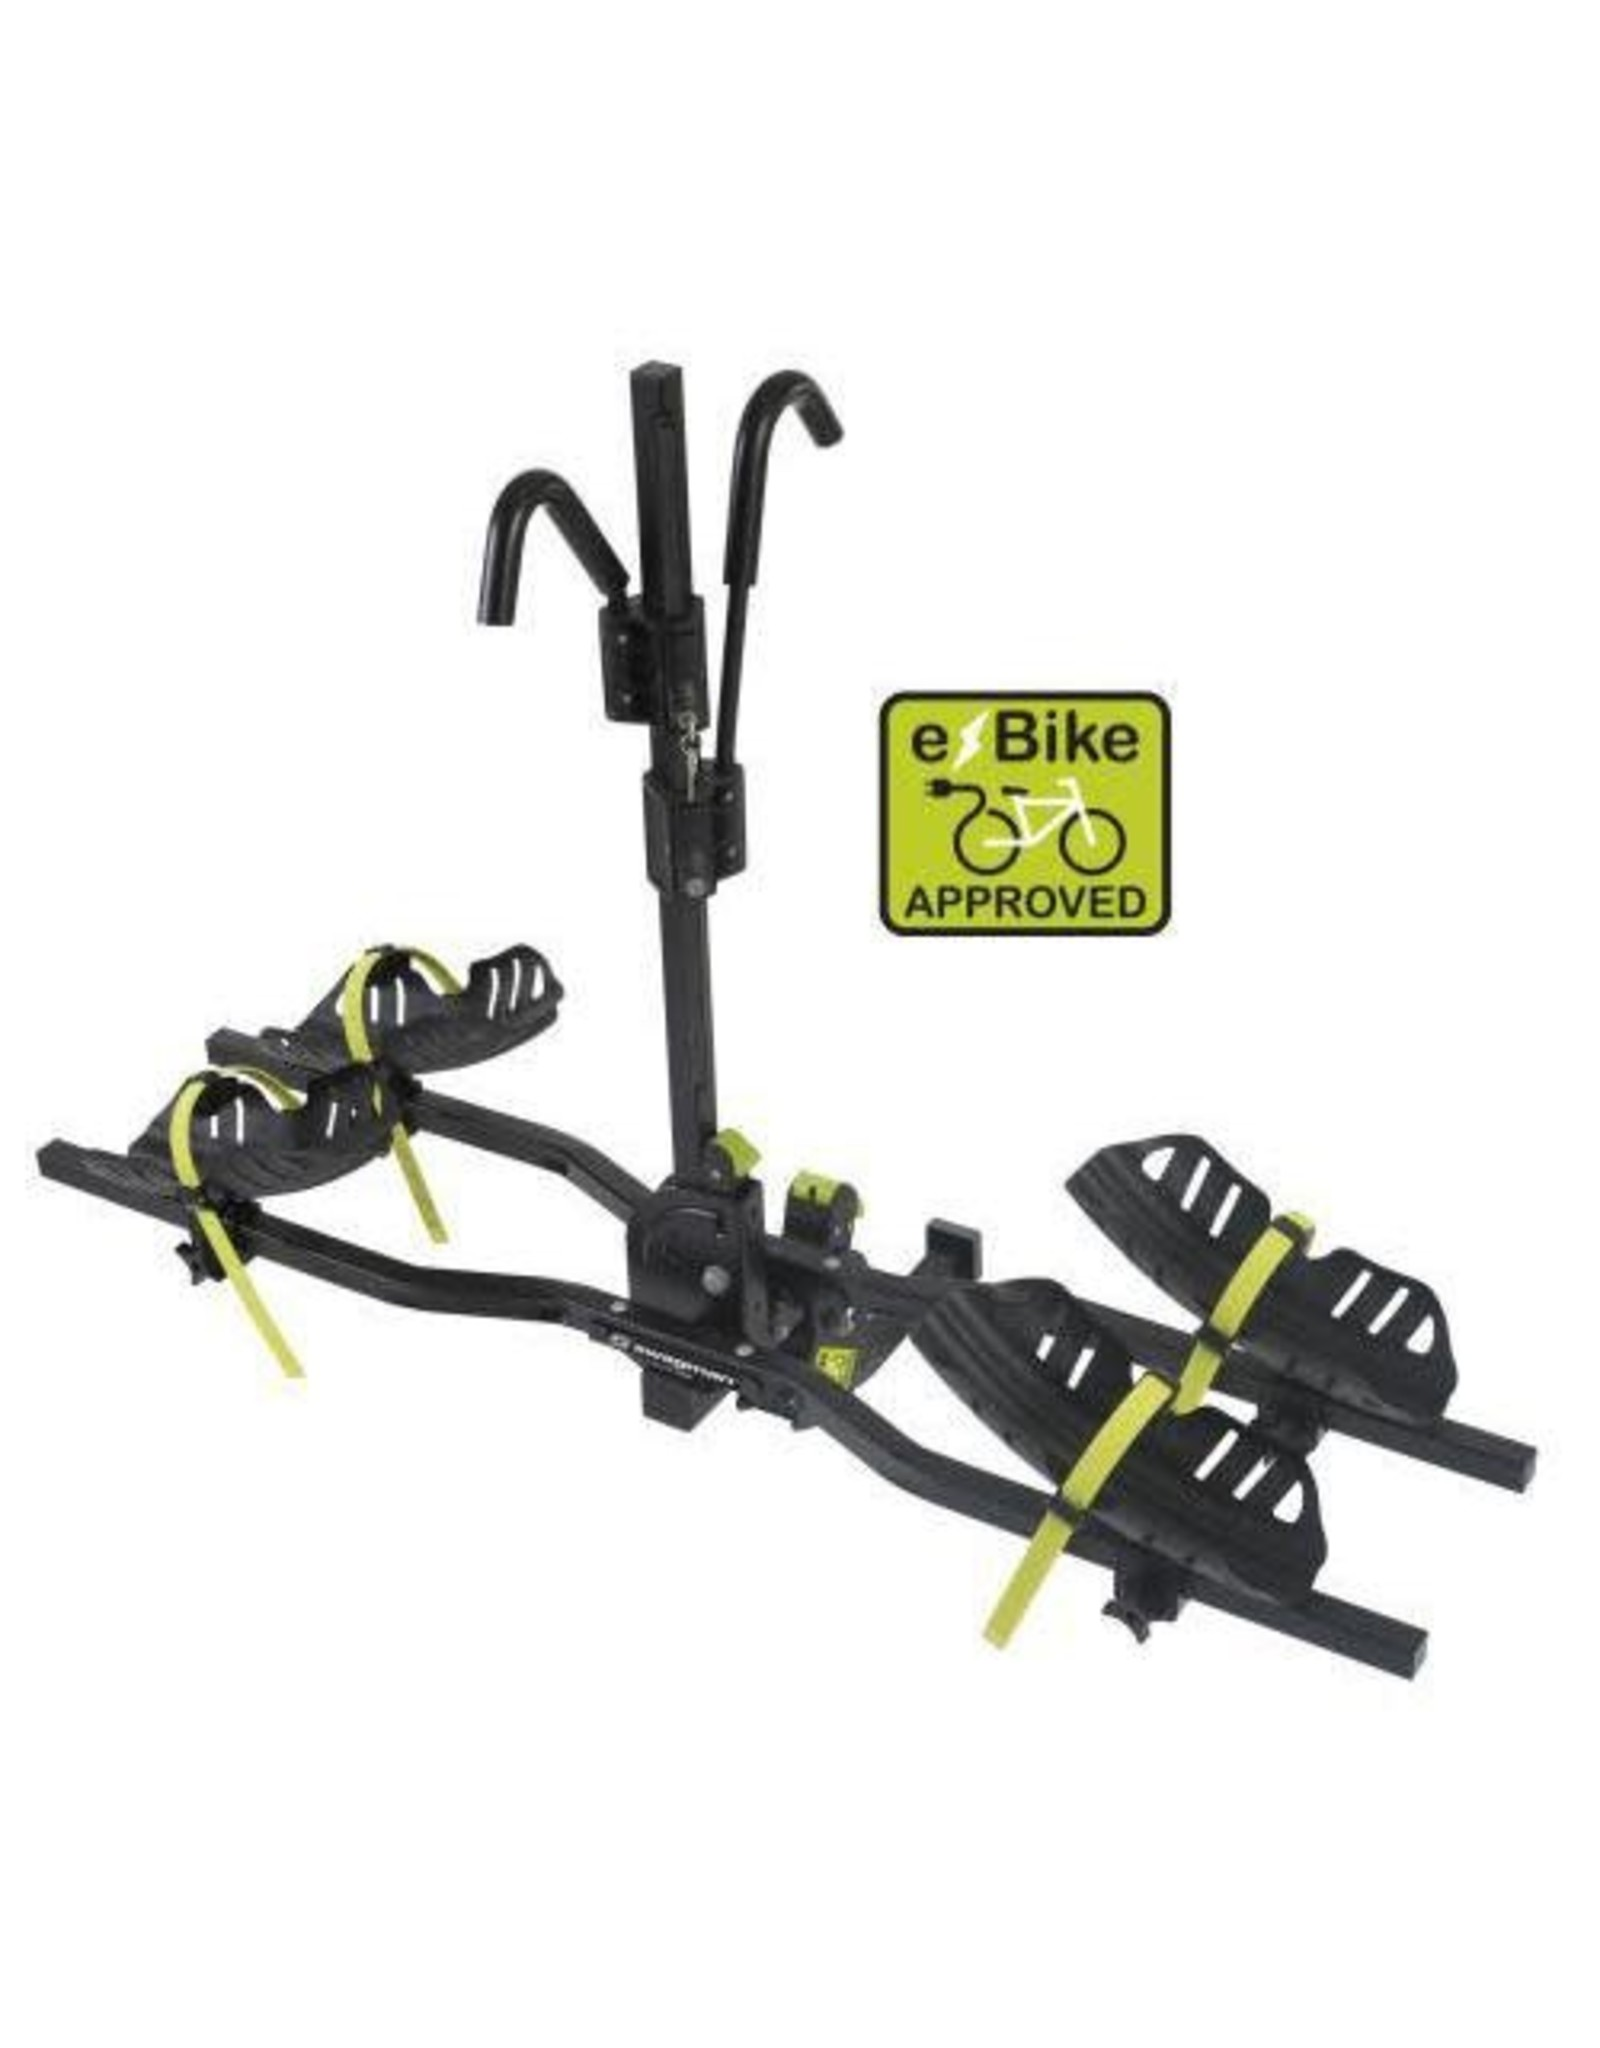 Swagman Swagman Current Bike Rack (E-Bike)